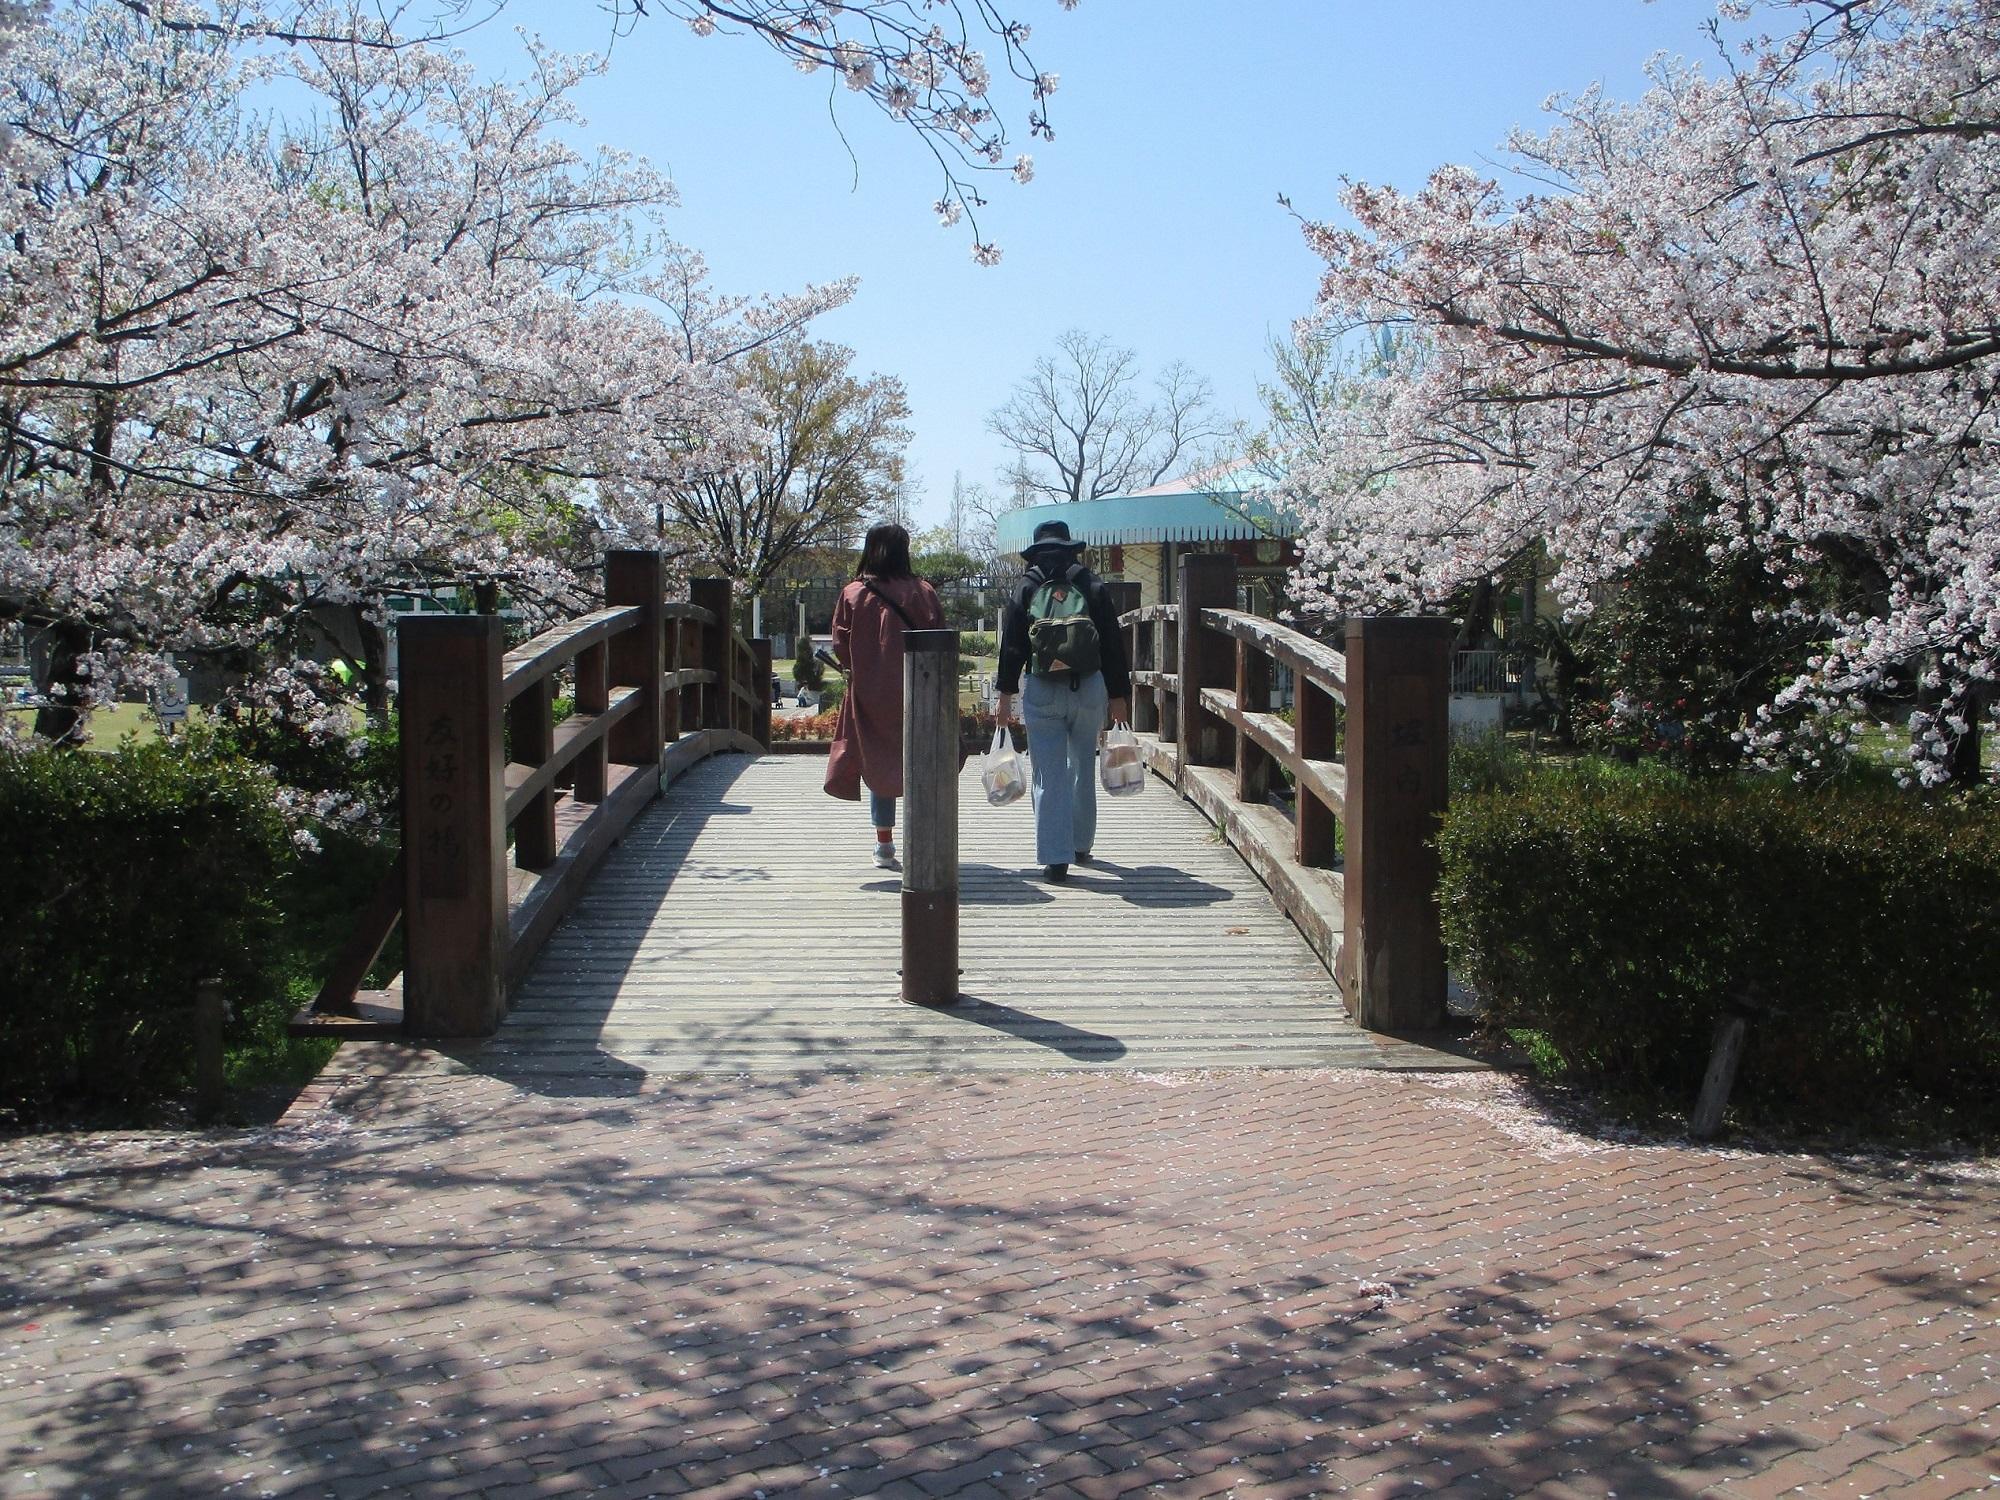 2020.4.9 (2) 堀内公園 - 友好のはし 2000-1500